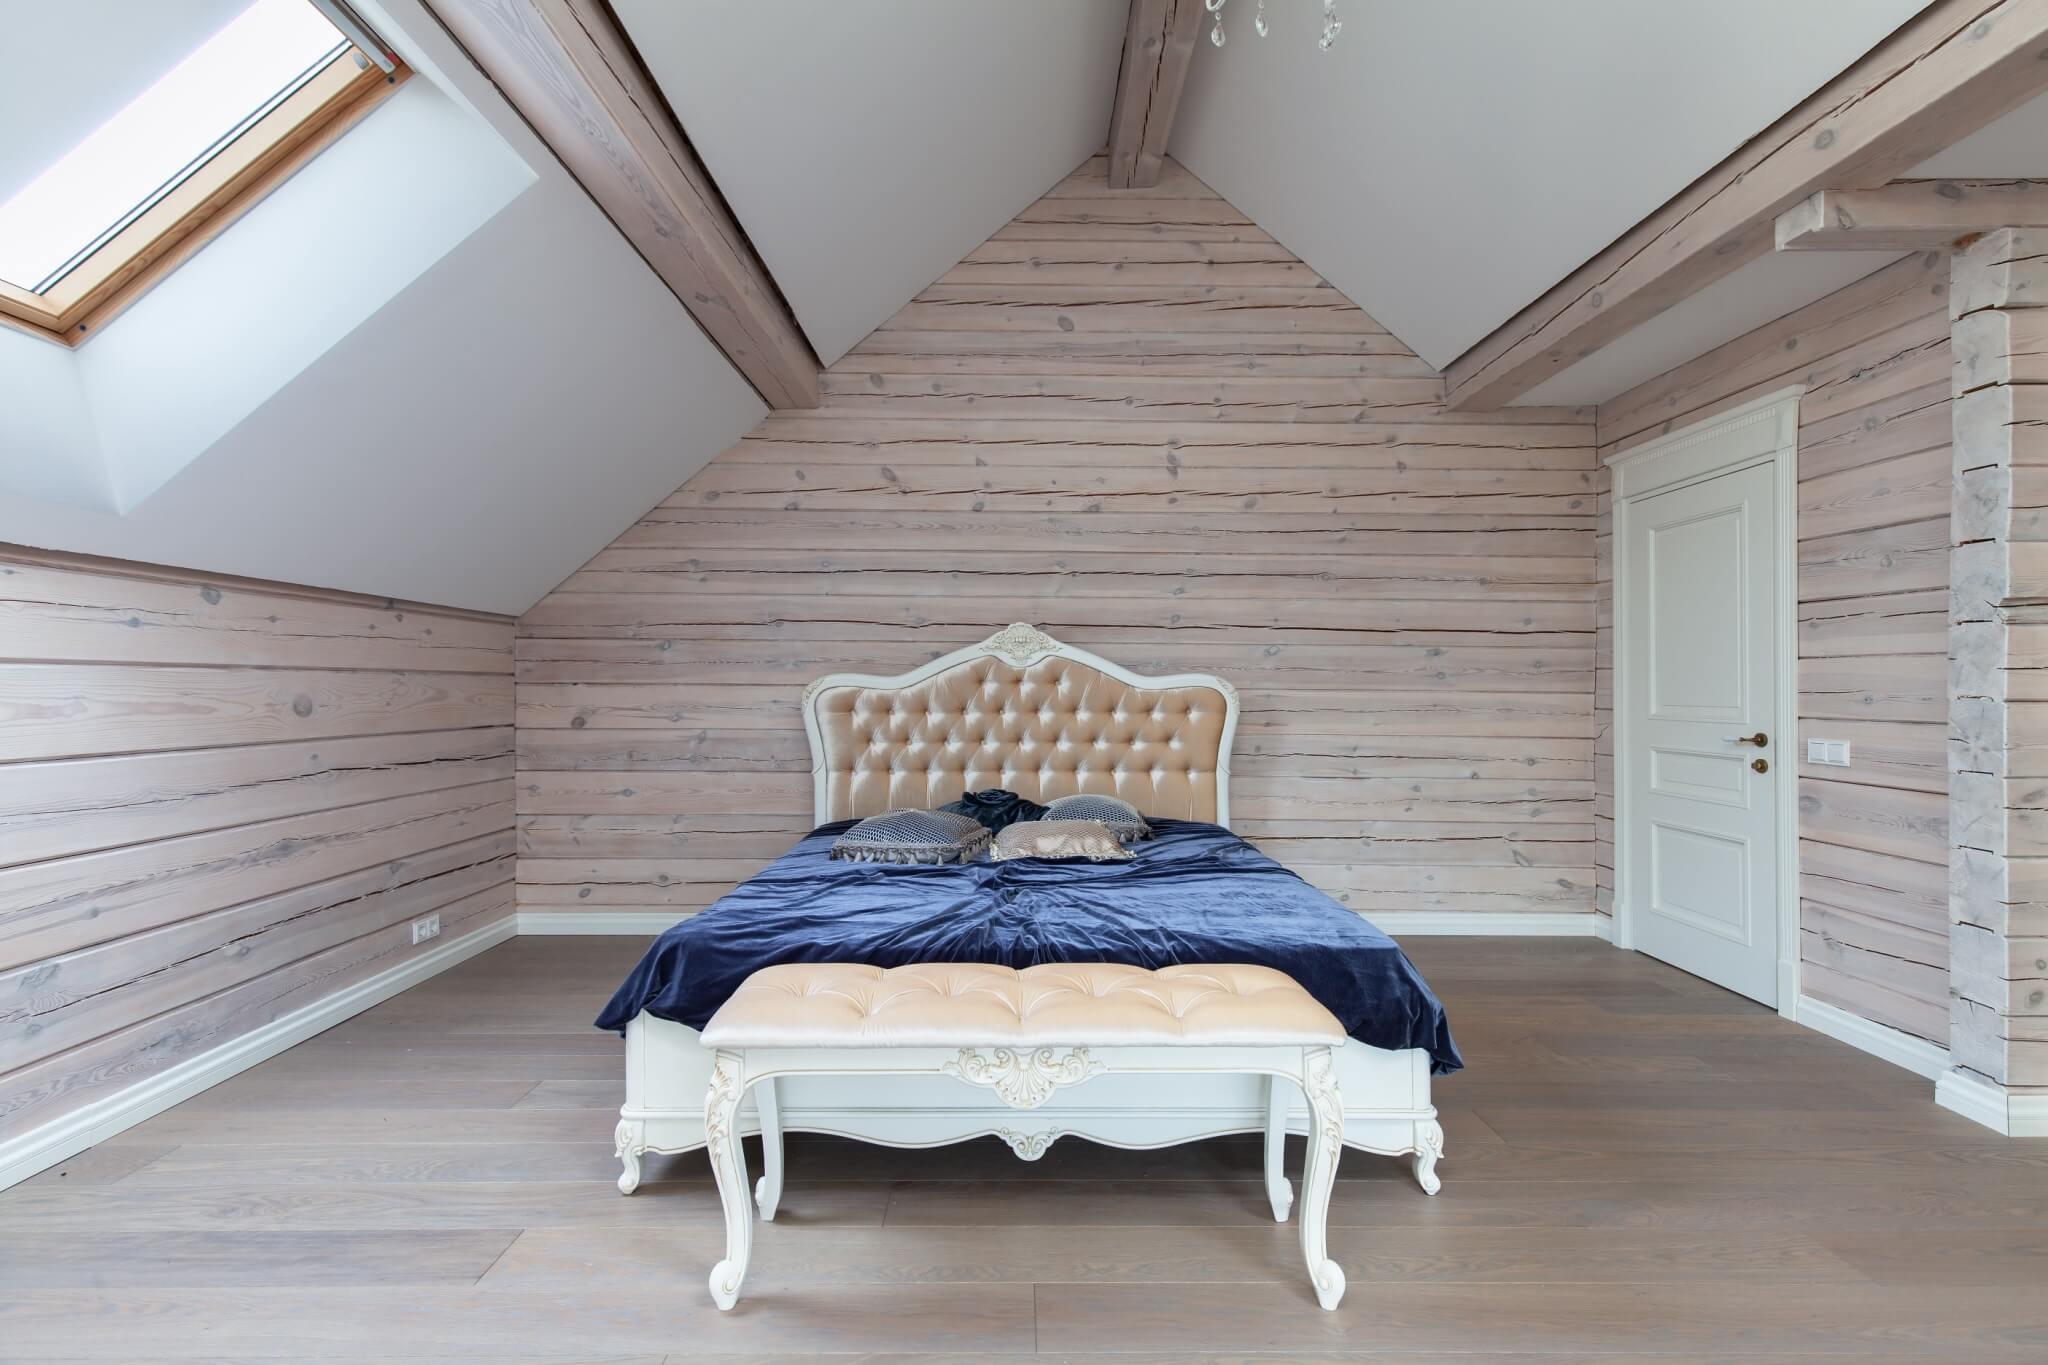 Klasikinė pastelinių spalvų miegamojo lova su drožyba